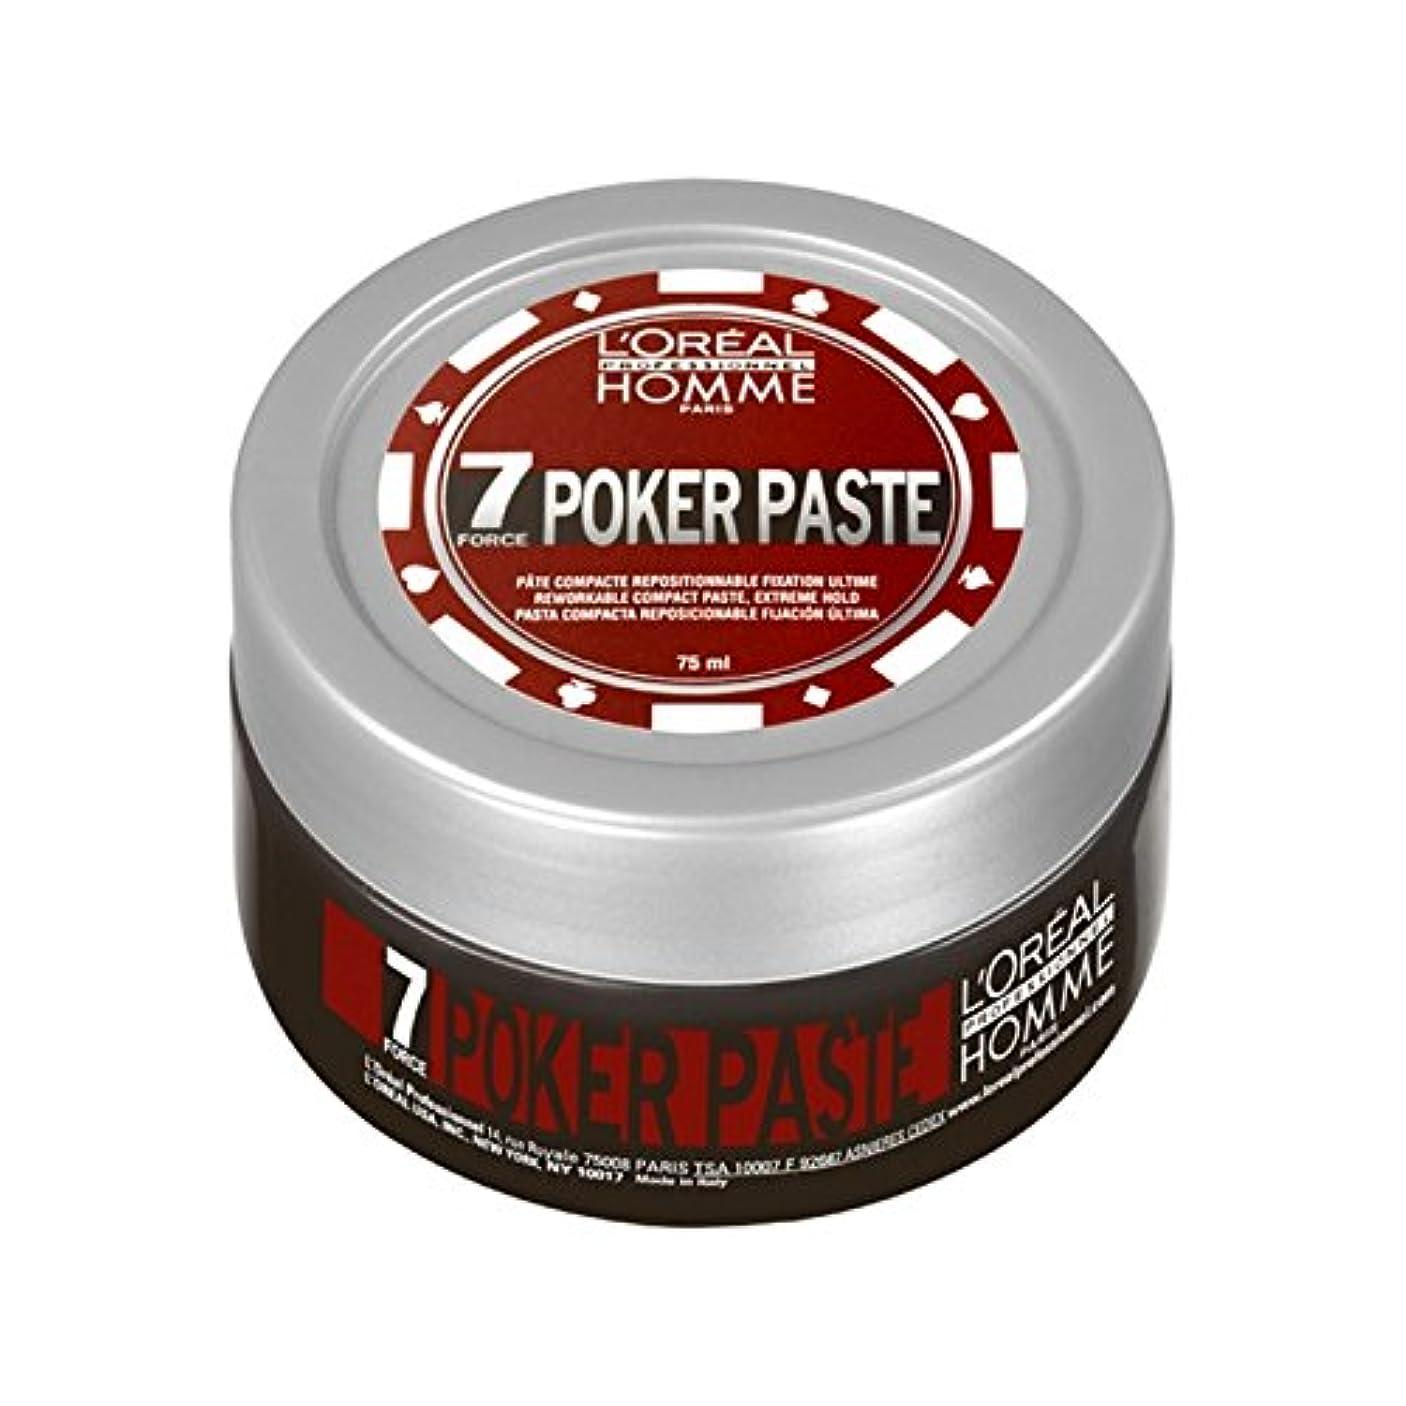 グローバル読みやすい全部L'Oreal Professional Homme Poker Paste (75ml) (Pack of 6) - ロレアルプロオムポーカーペースト(75ミリリットル) x6 [並行輸入品]